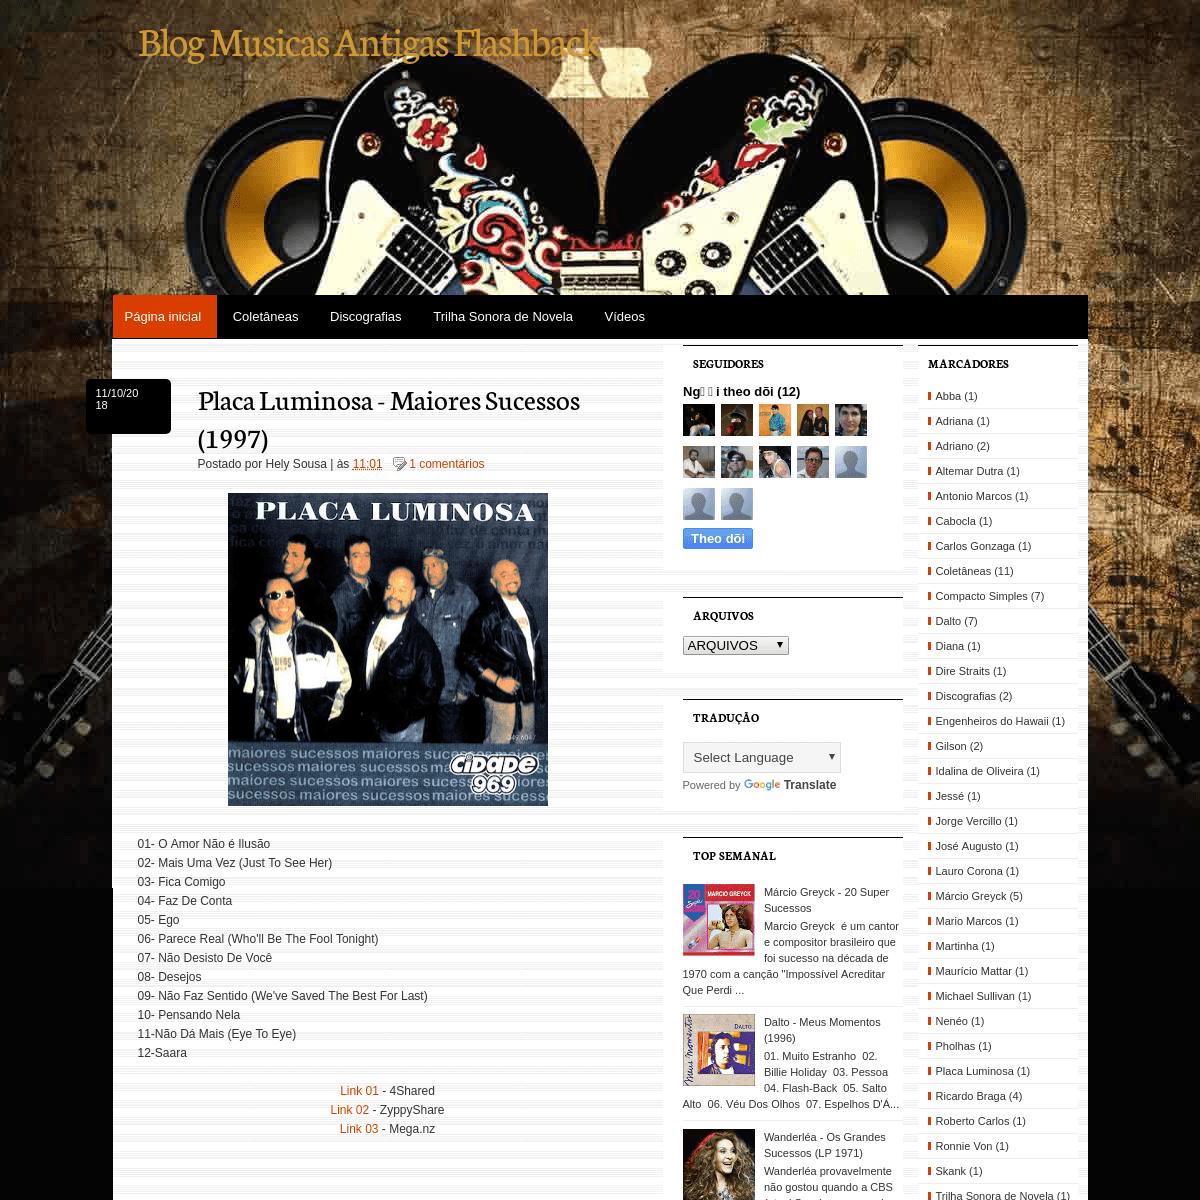 ArchiveBay.com - reliquiasmusicaismp3.blogspot.com - Blog Musicas Antigas Flashback